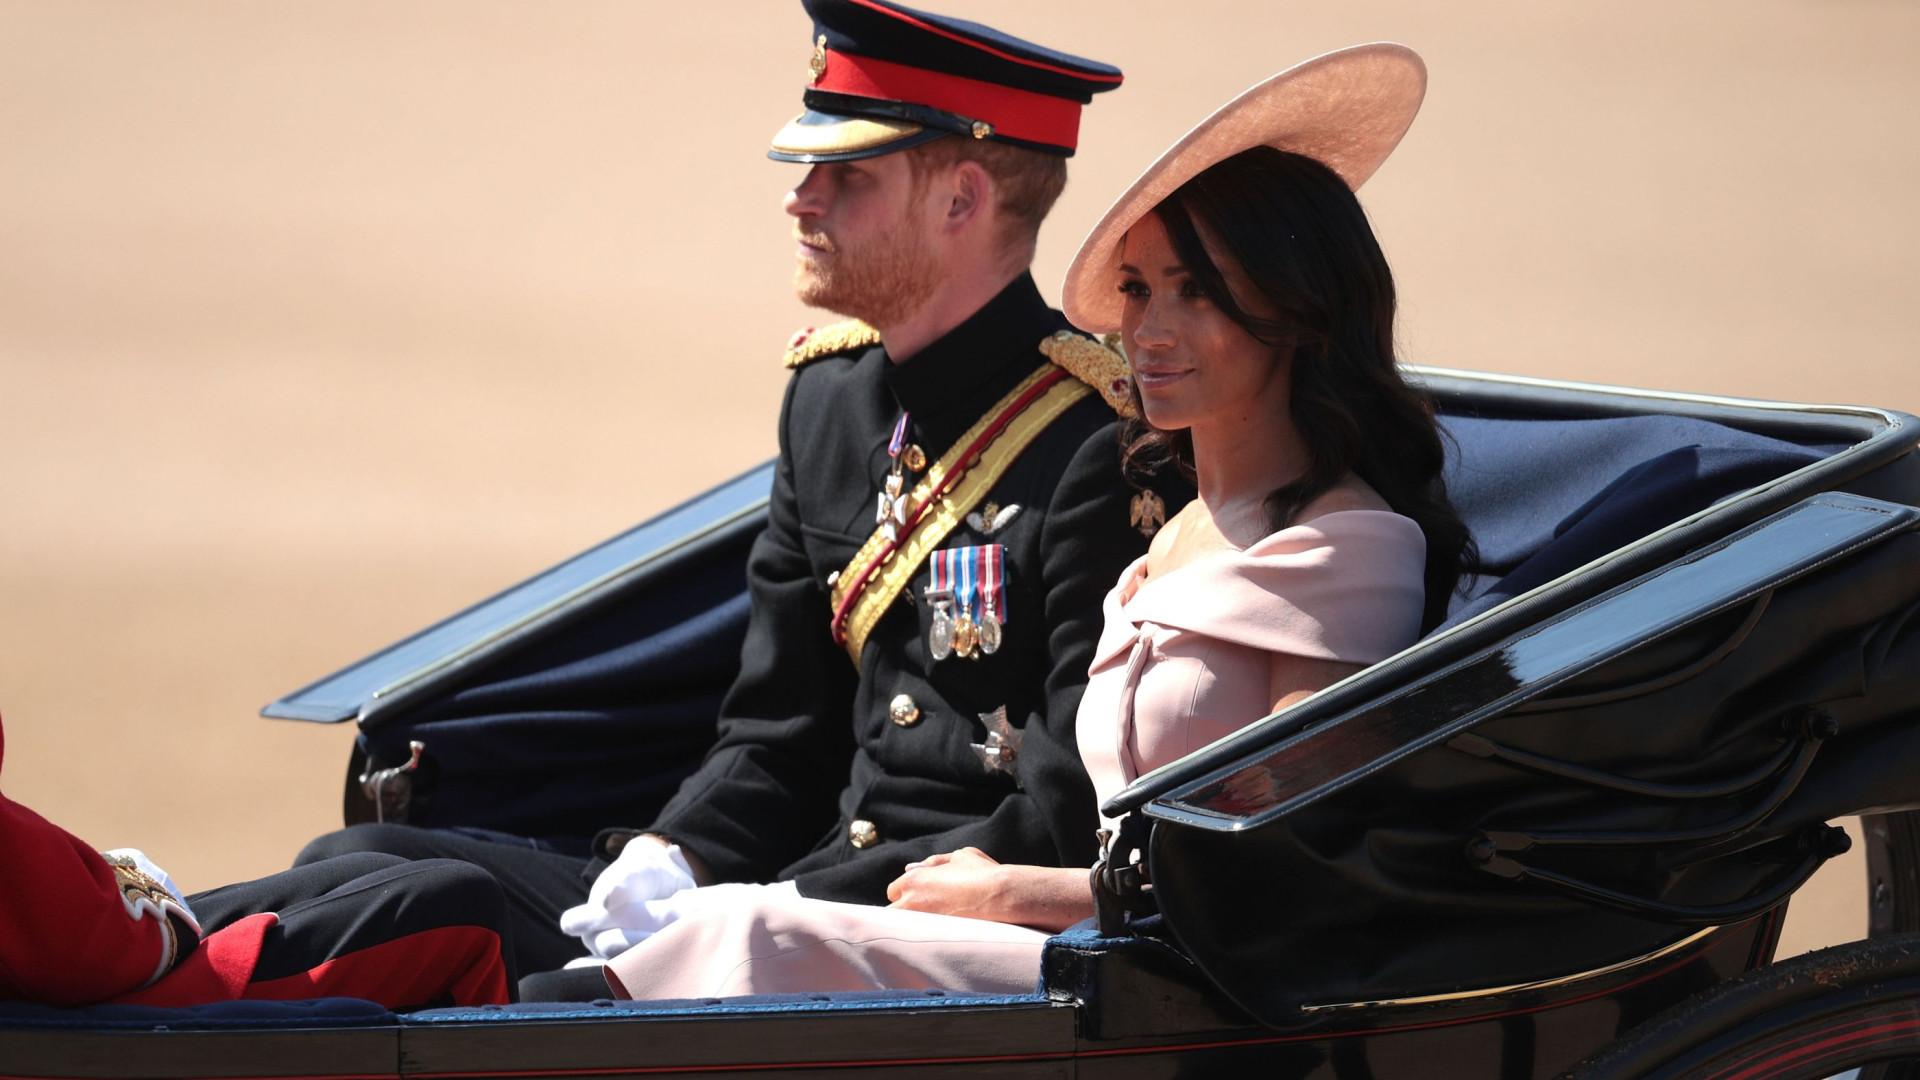 Harry e Meghan vão para Austrália, Nova Zelândia, Fiji e Tonga